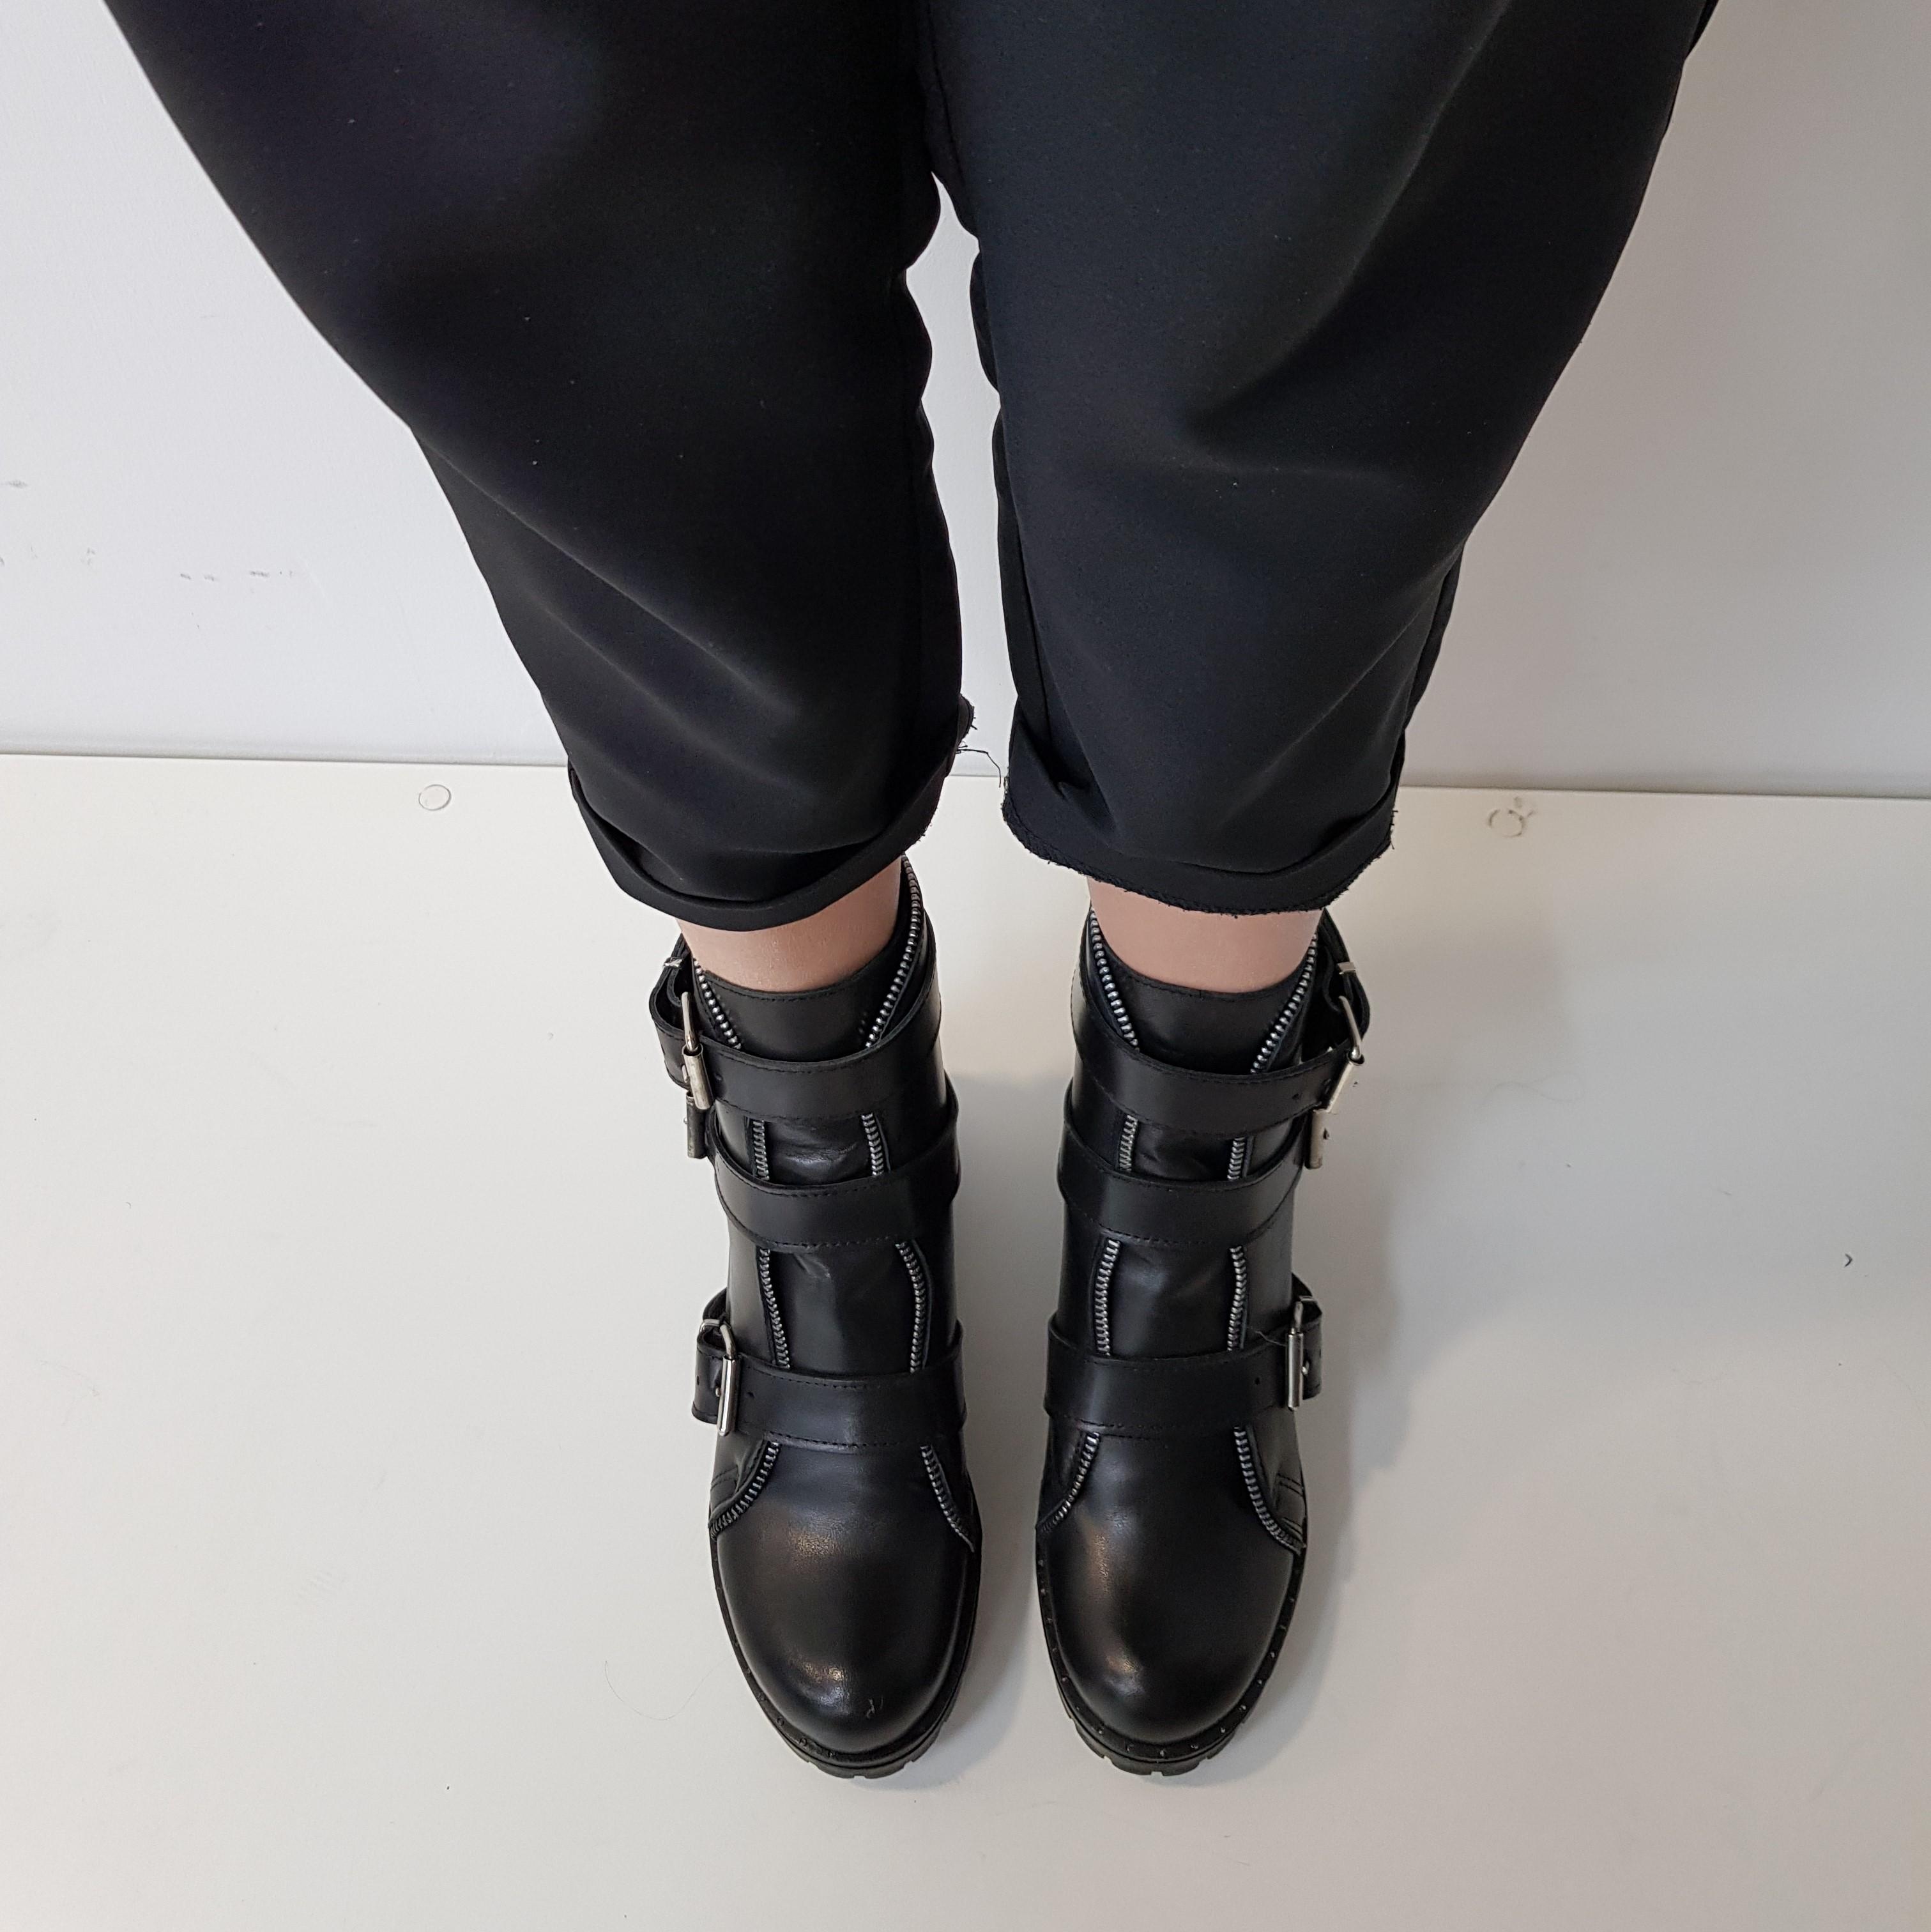 Stivaletti pelle nero fibbie claire - Lia diva calzature ...